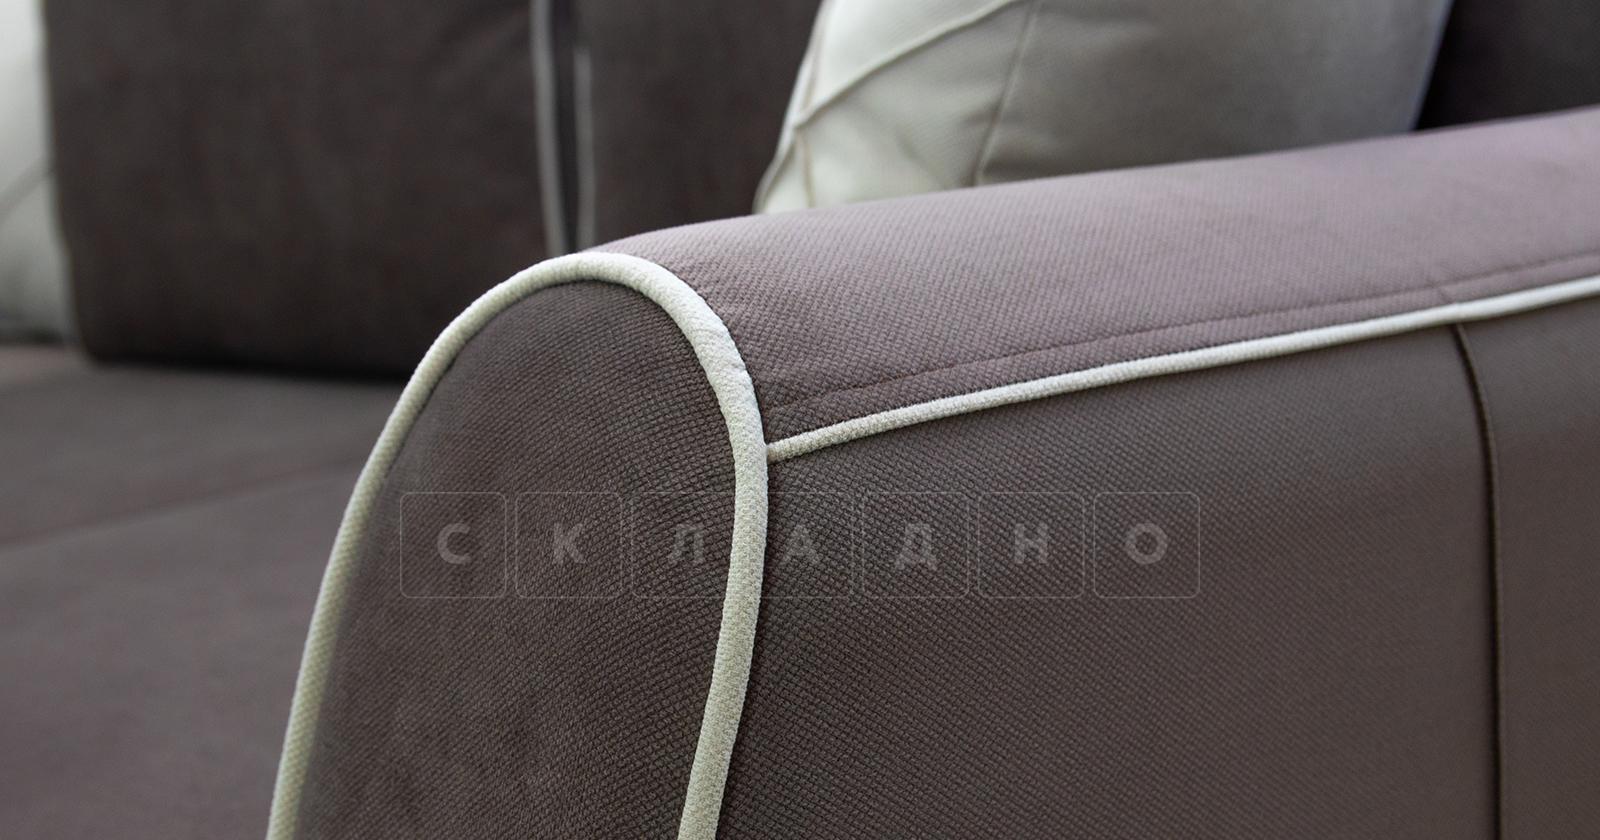 Диван-кровать угловой Флэтфорд шоколад фото 8 | интернет-магазин Складно